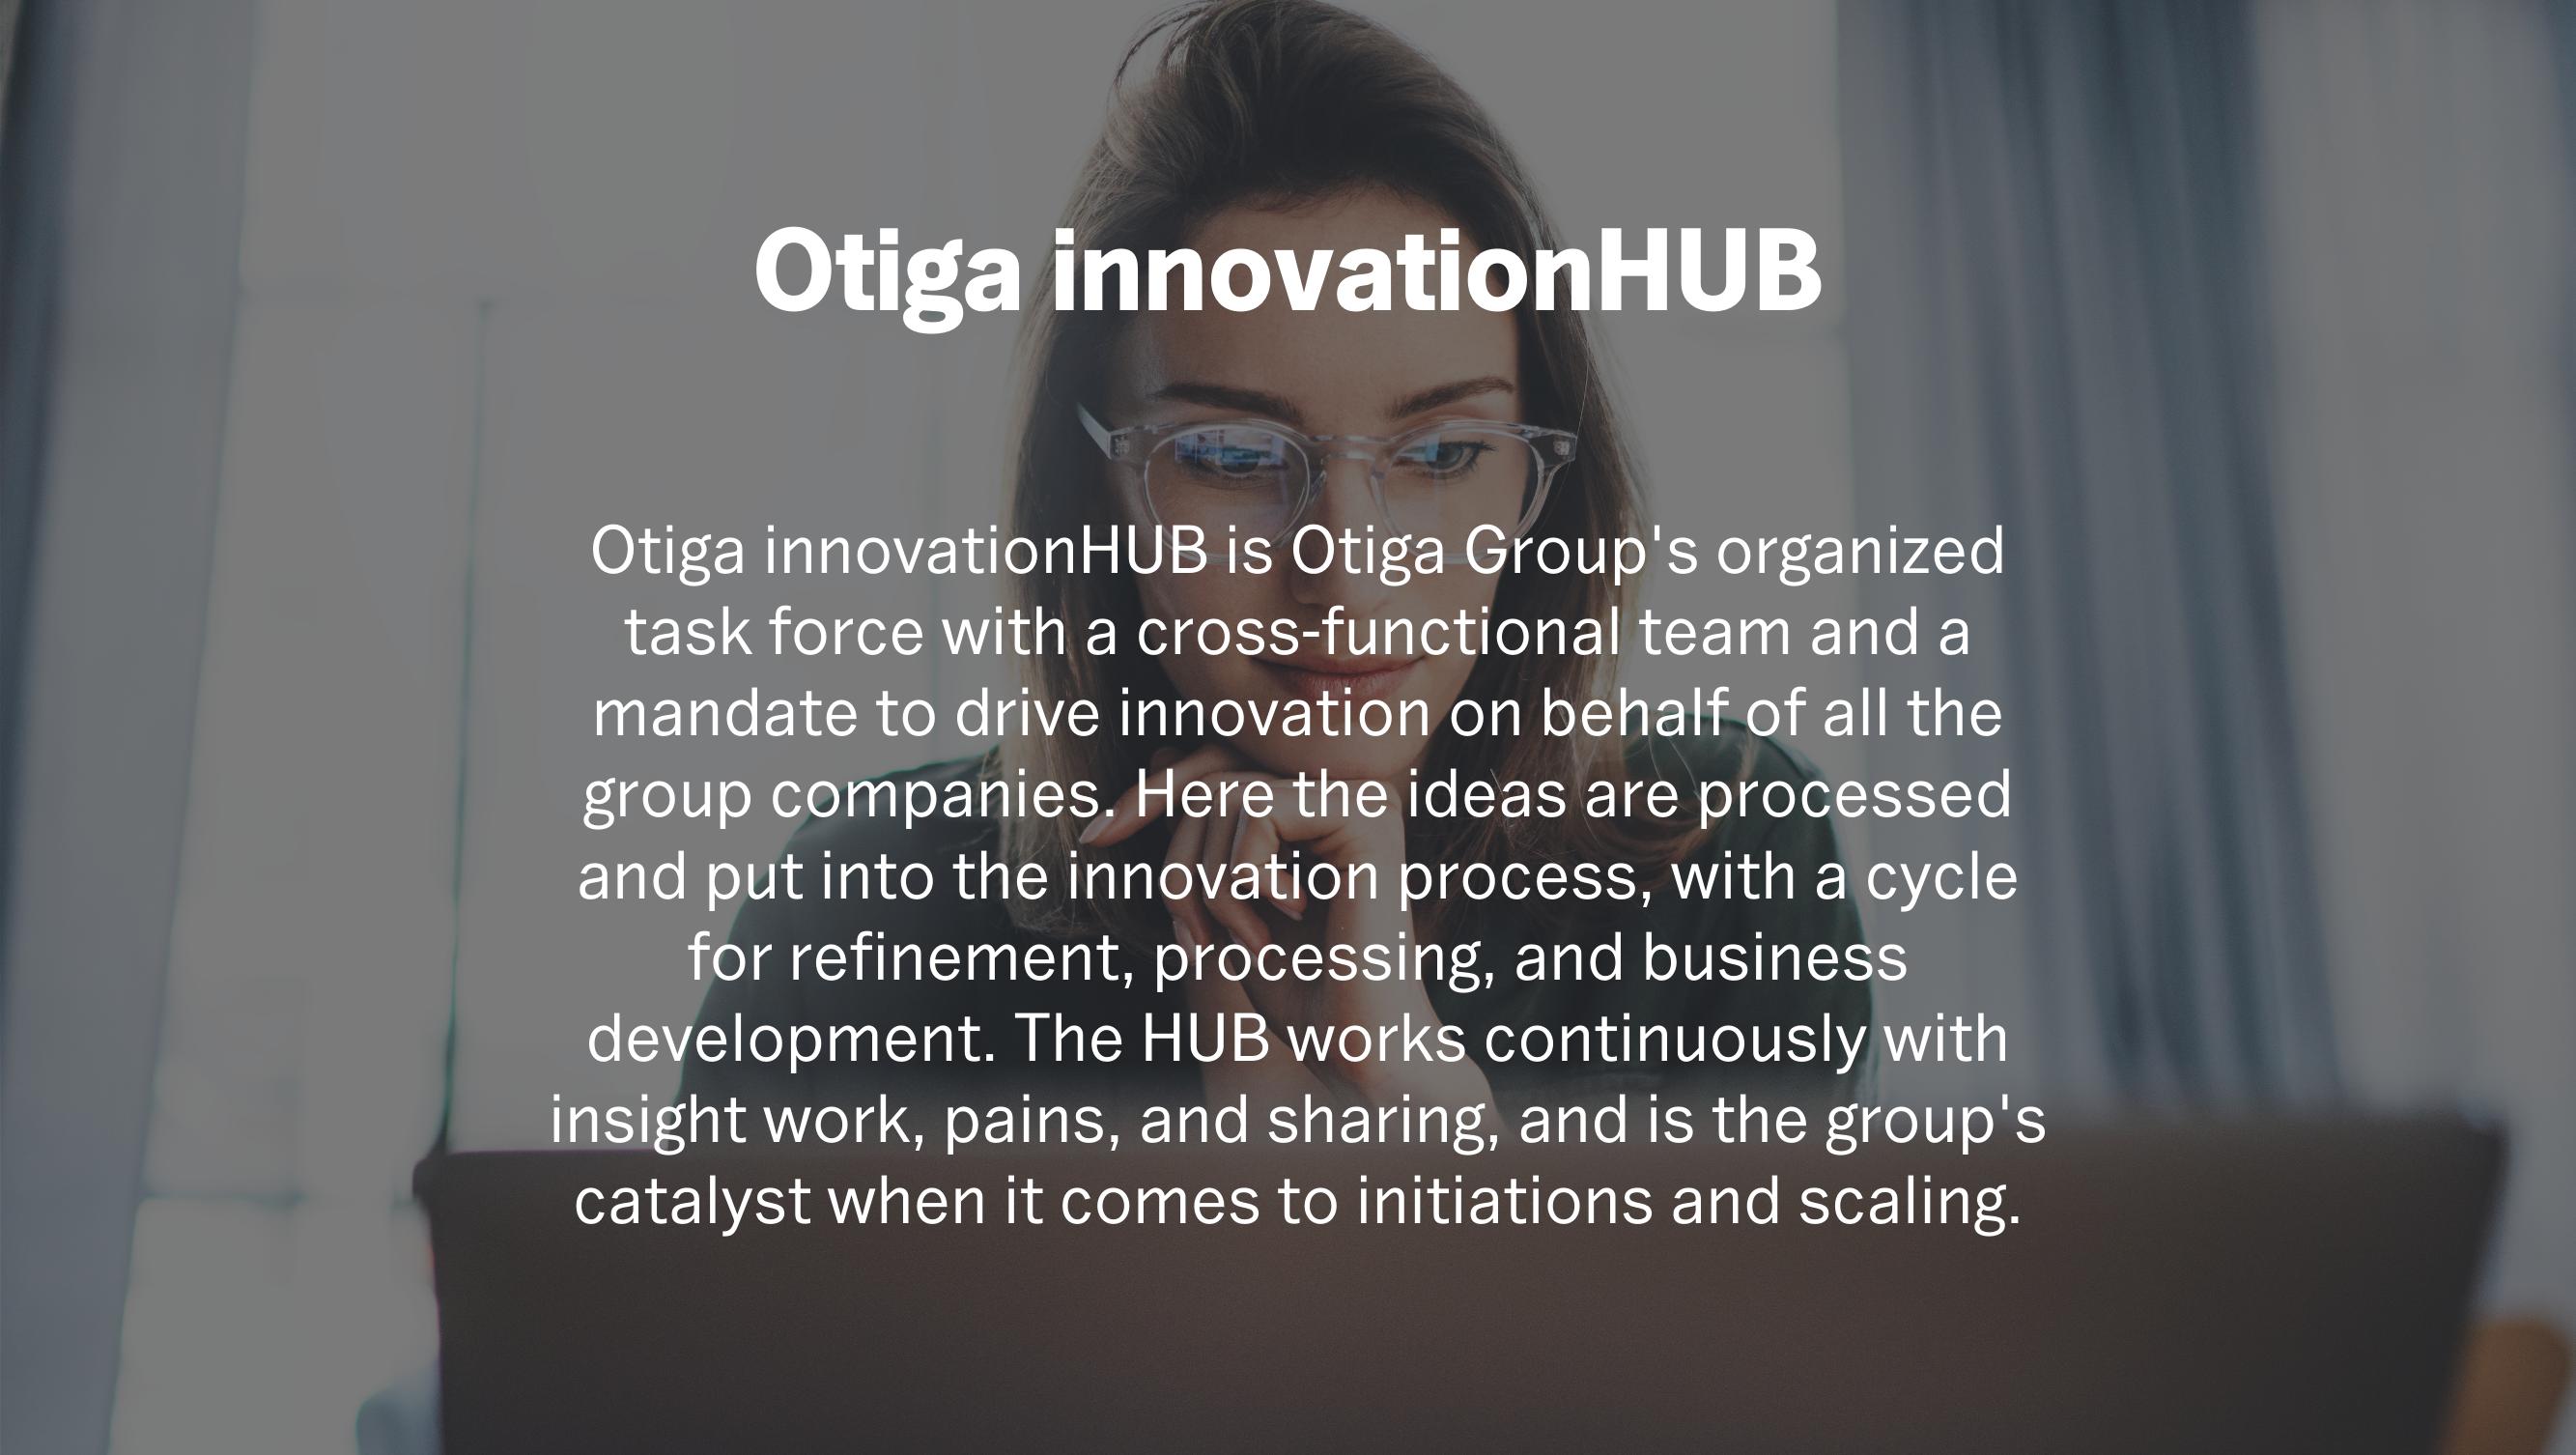 Kopi av Otiga innovationHUB (1)